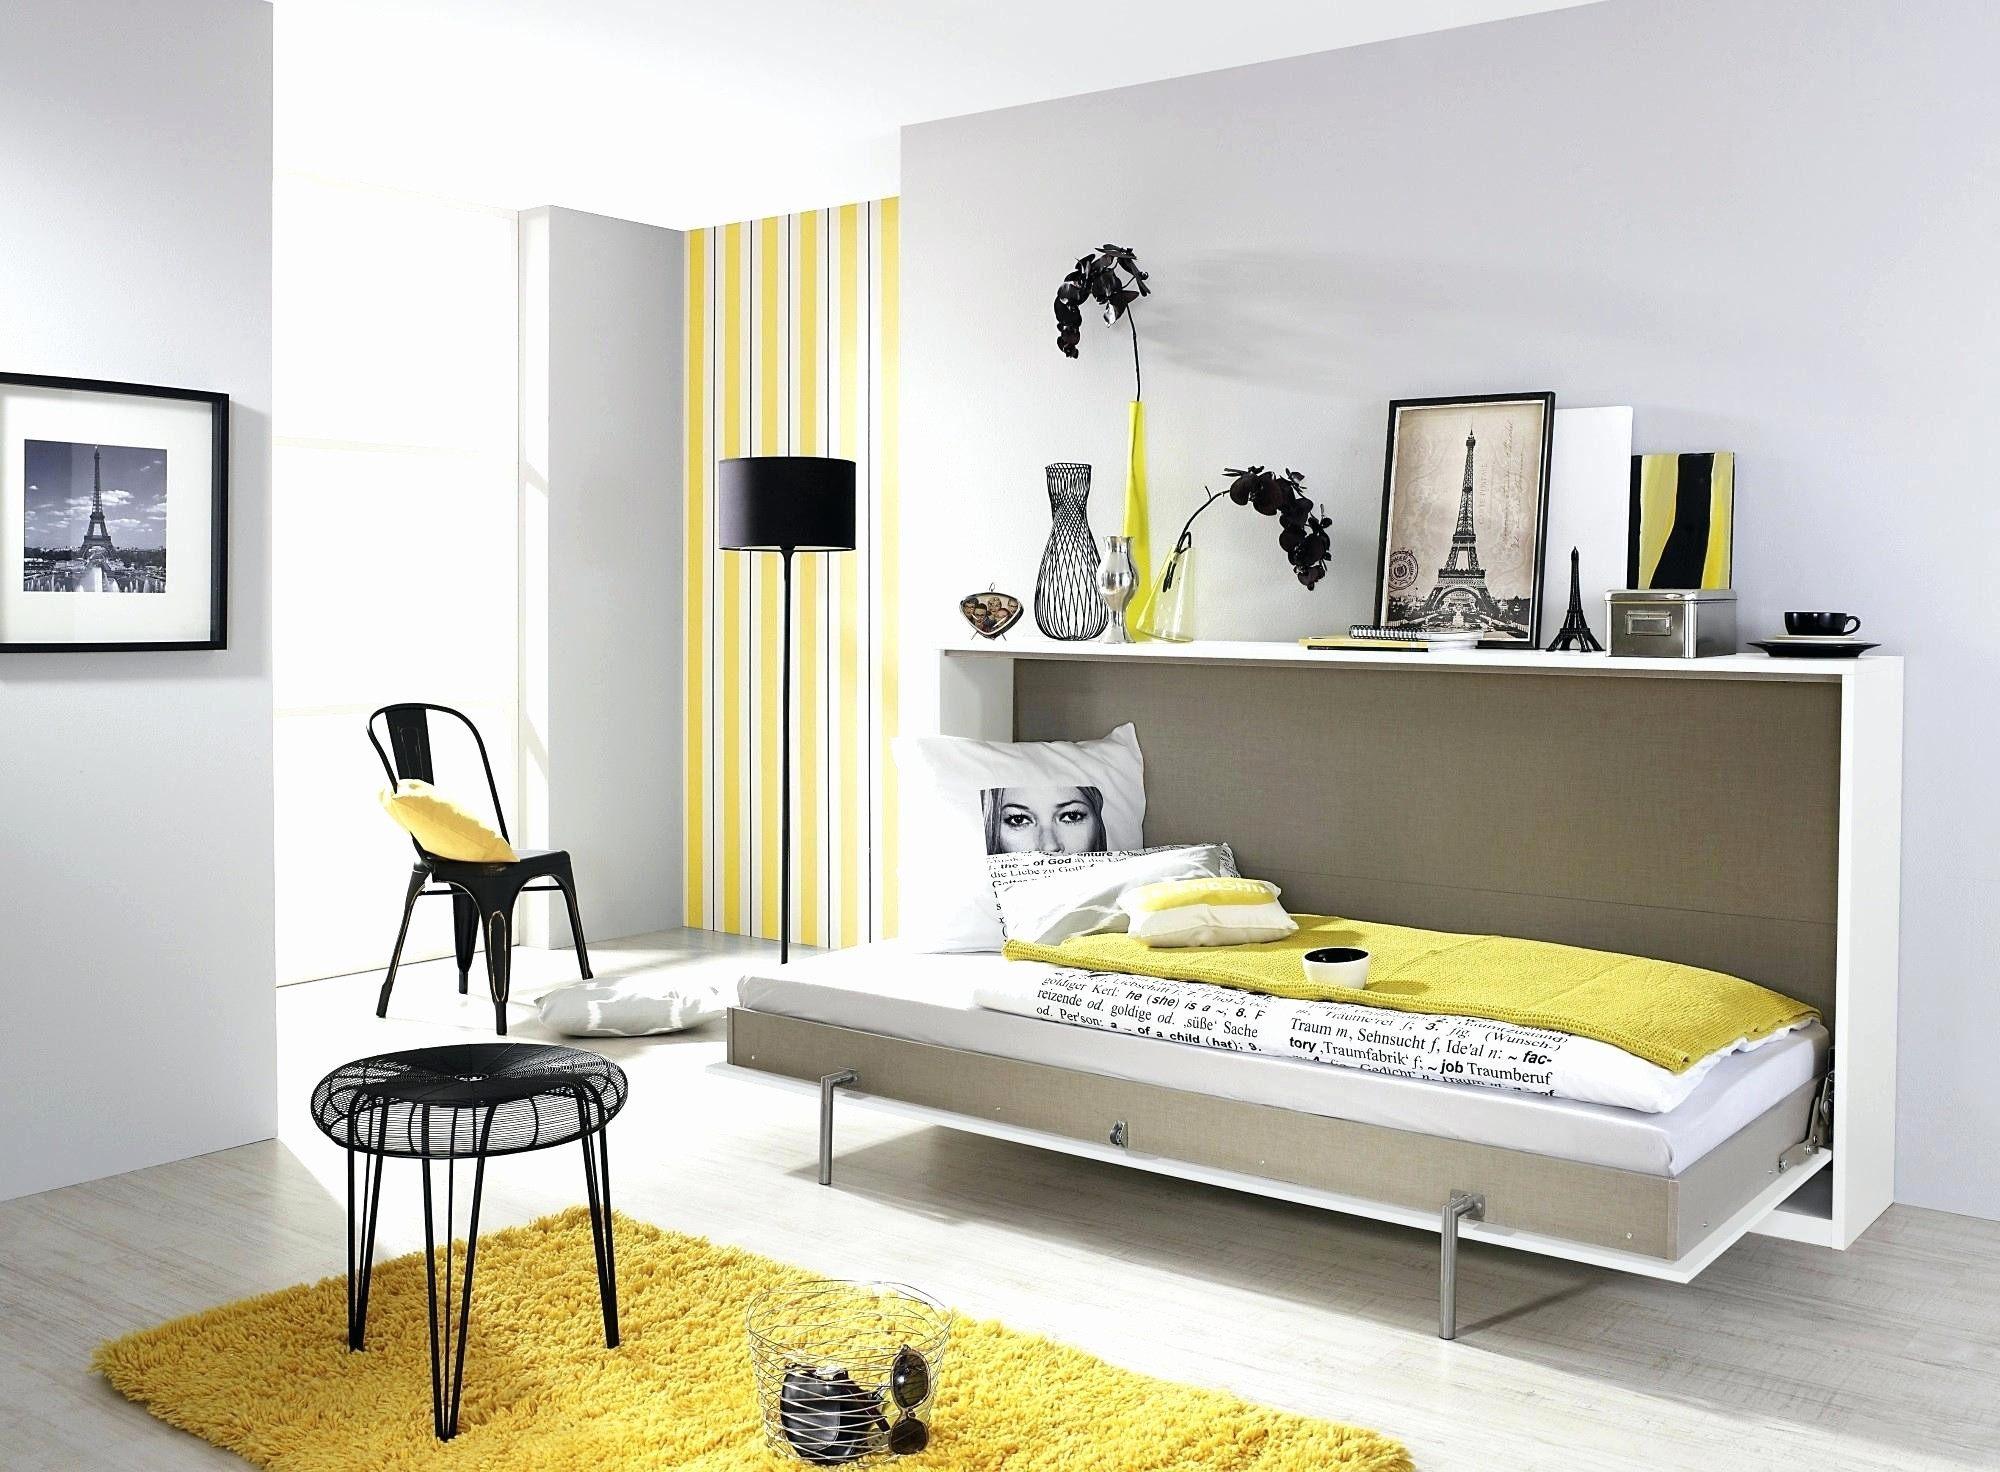 Fabriquer Lit Mezzanine De Luxe Escalier Cube Mezzanine Deco Lit Mezzanine Chambre Mezzanine Adulte